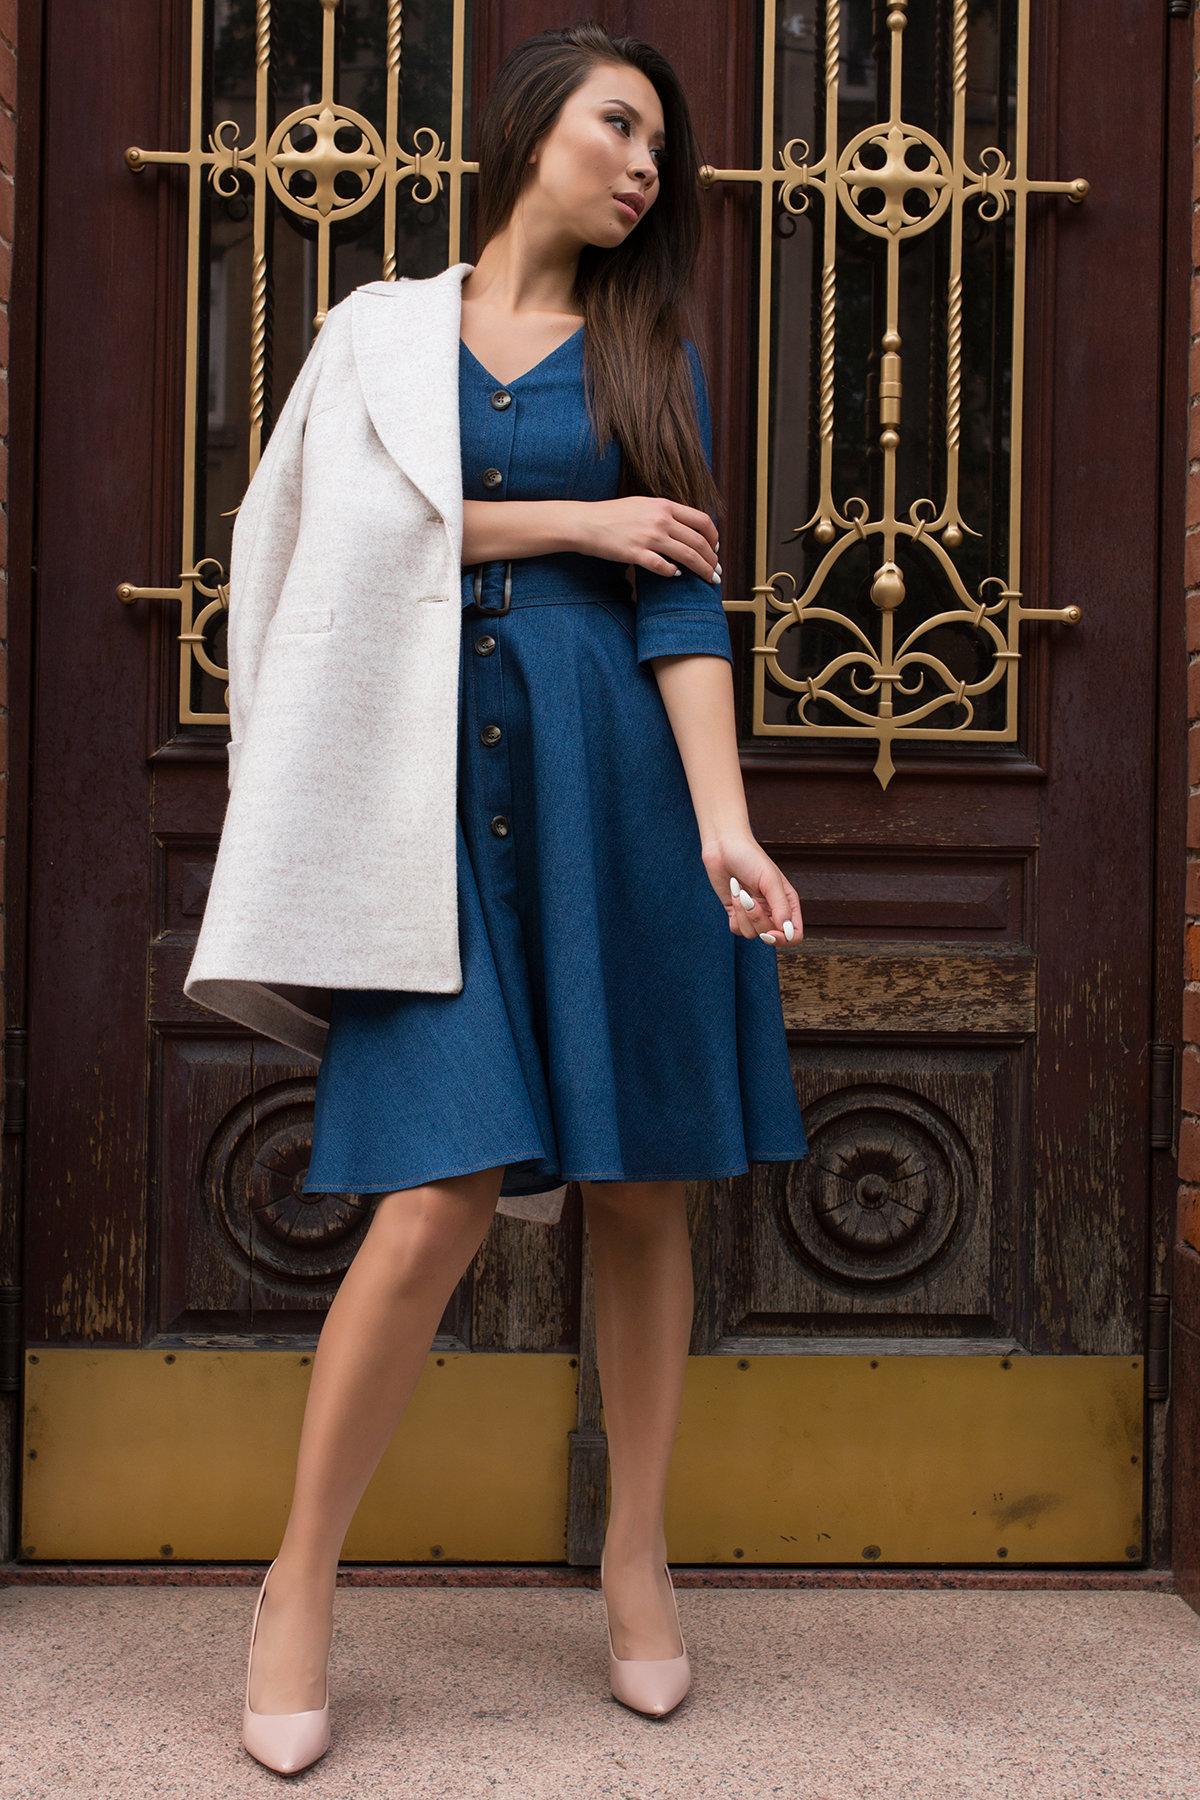 Повседневное платье цвета джинс Лелли 7791 АРТ. 43869 Цвет: Джинс - фото 4, интернет магазин tm-modus.ru